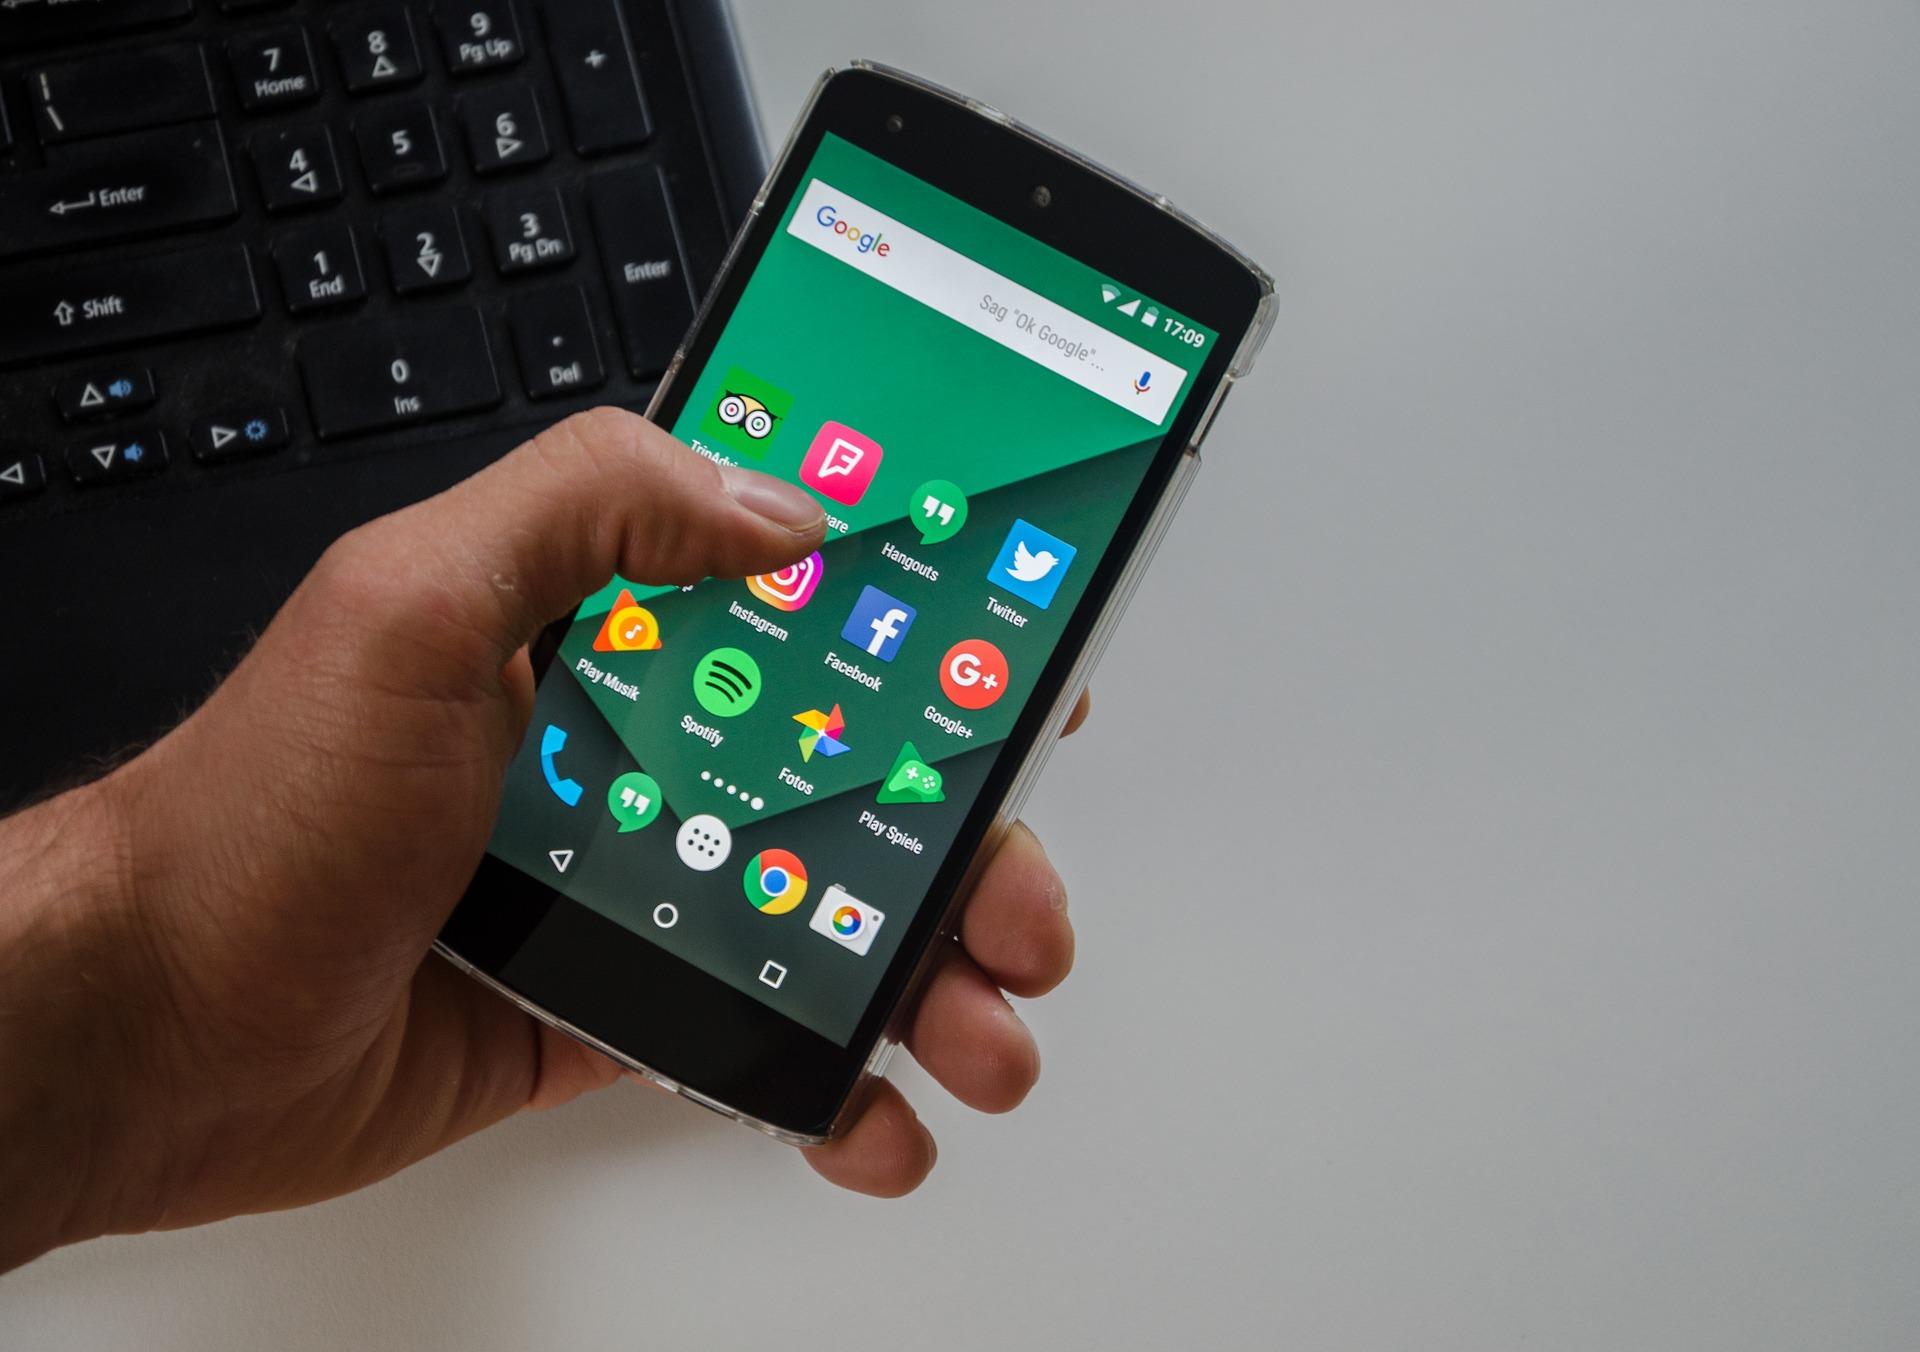 Uwaga na oszustwa przy użyciu OLX i Whats app